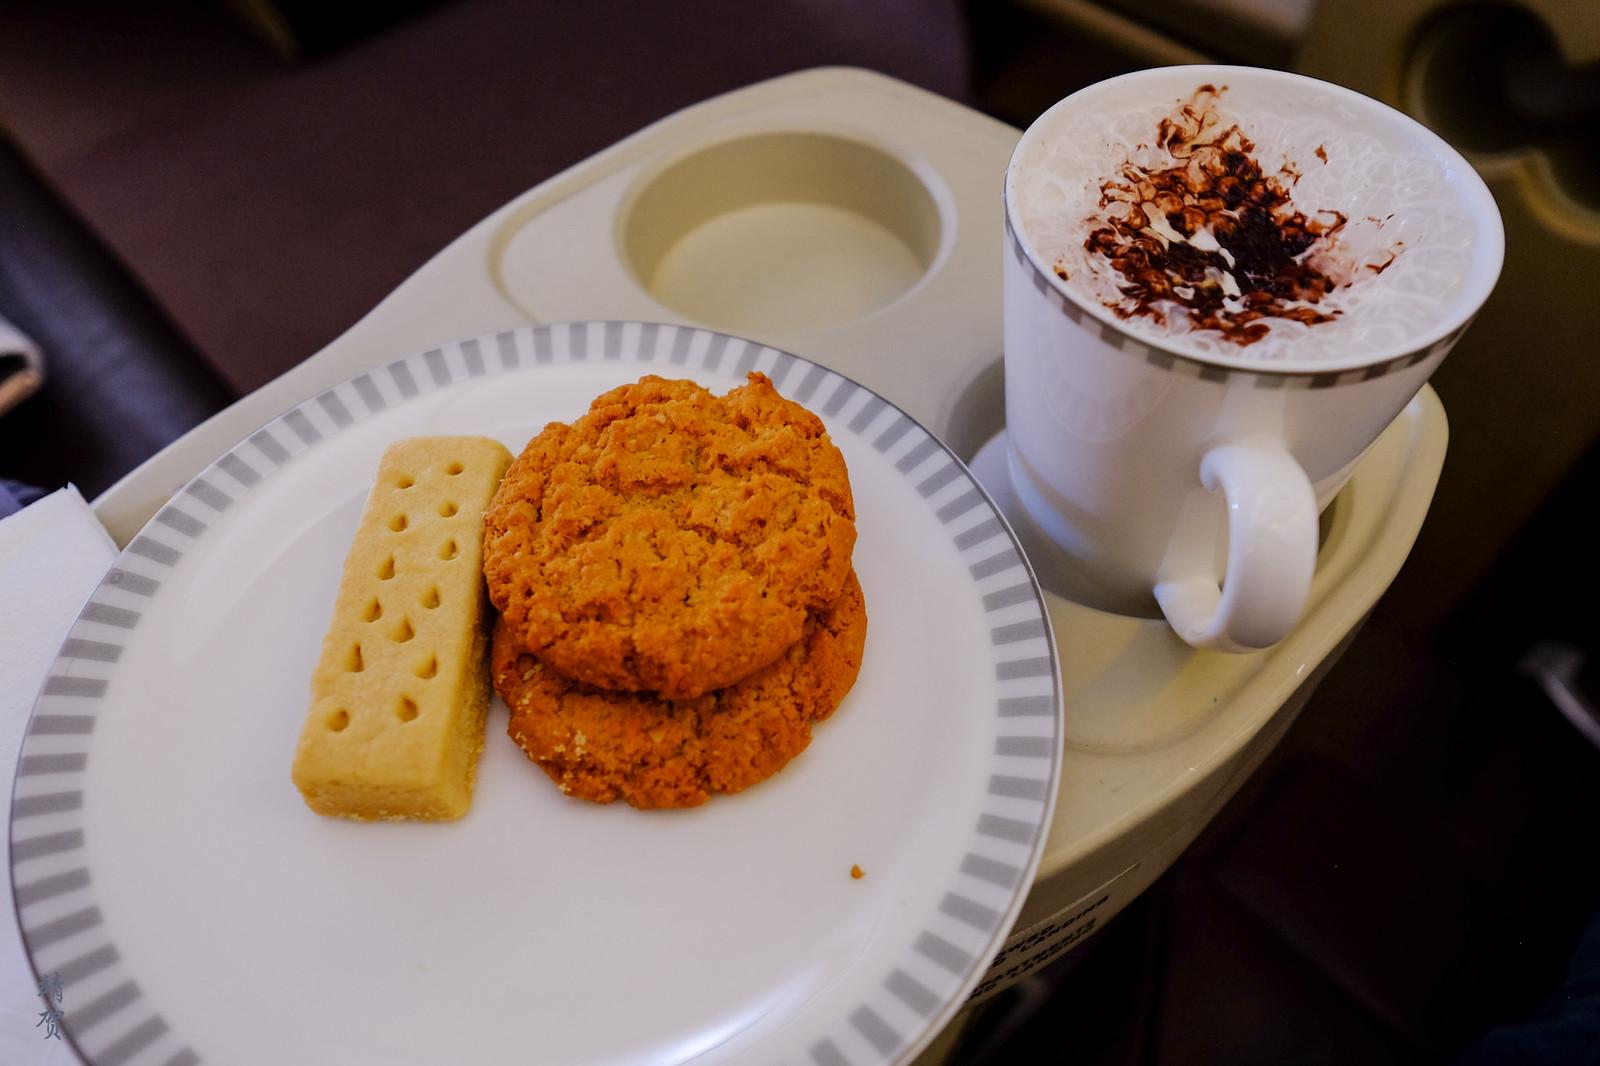 Cookies and Mocha